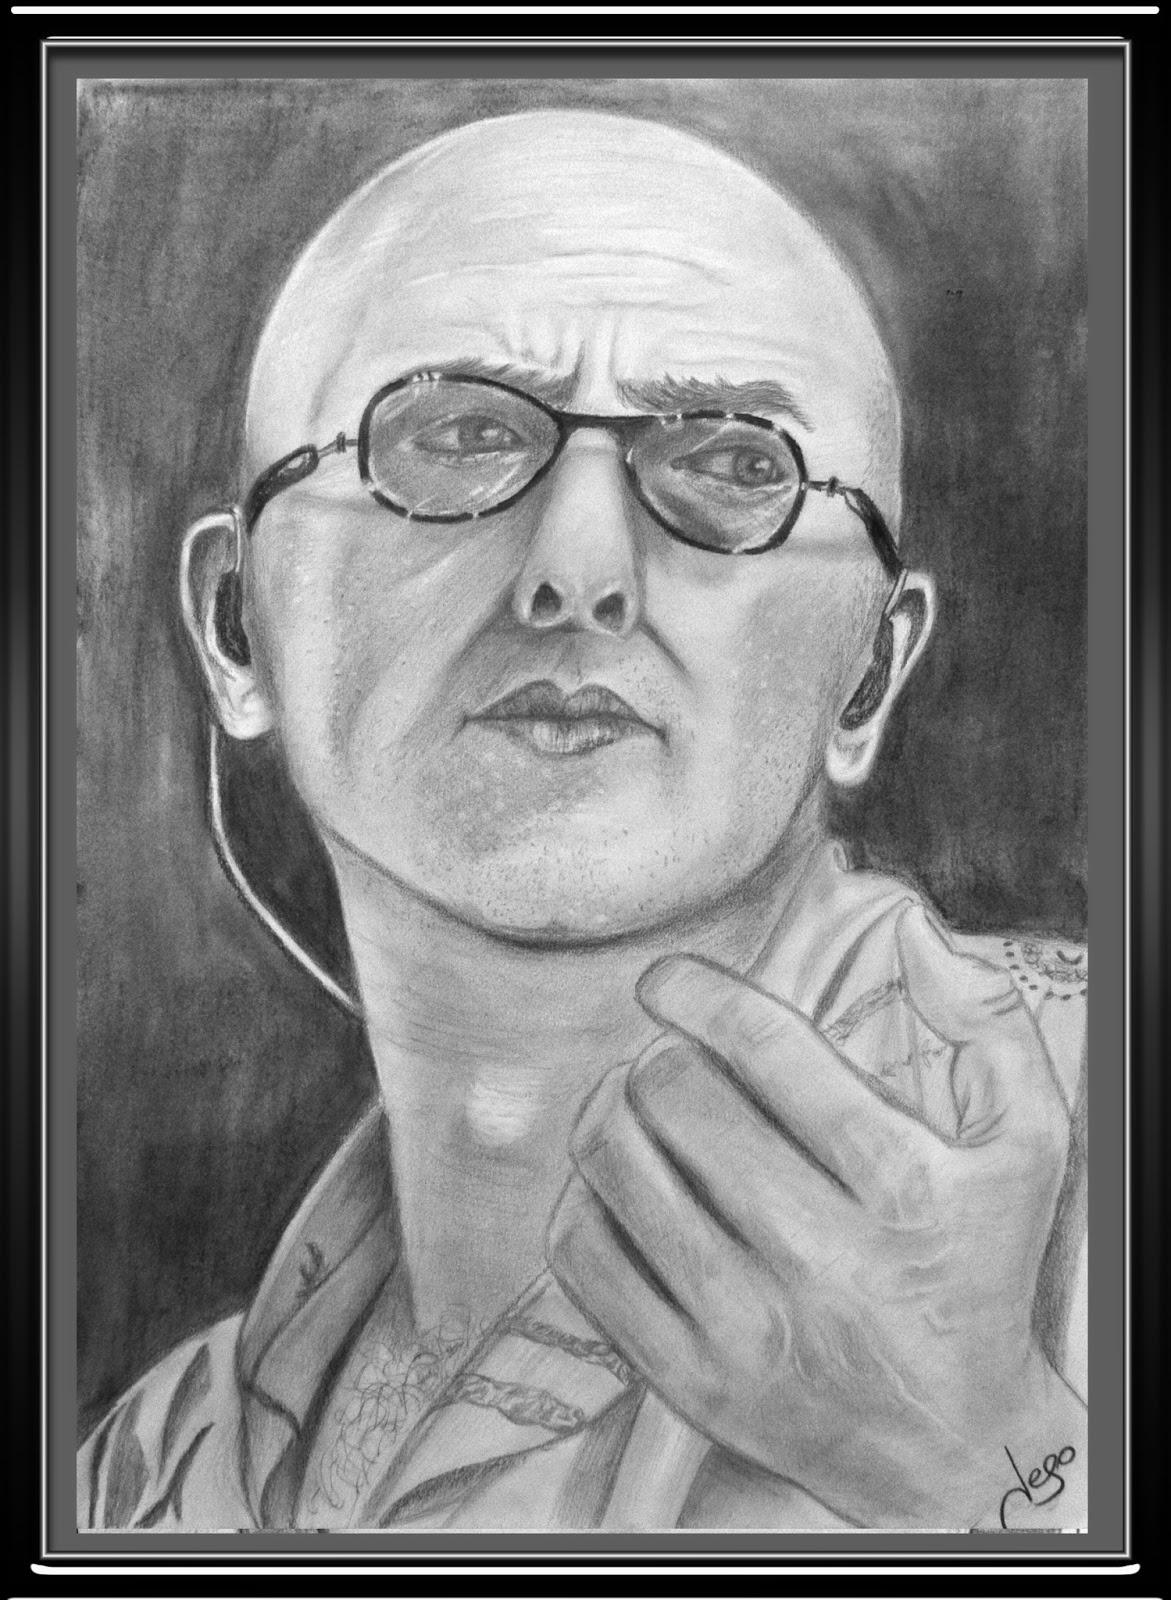 Retratos Realistas Y Dibujos El Indio Solari Dibujo A Lápiz Por Jego